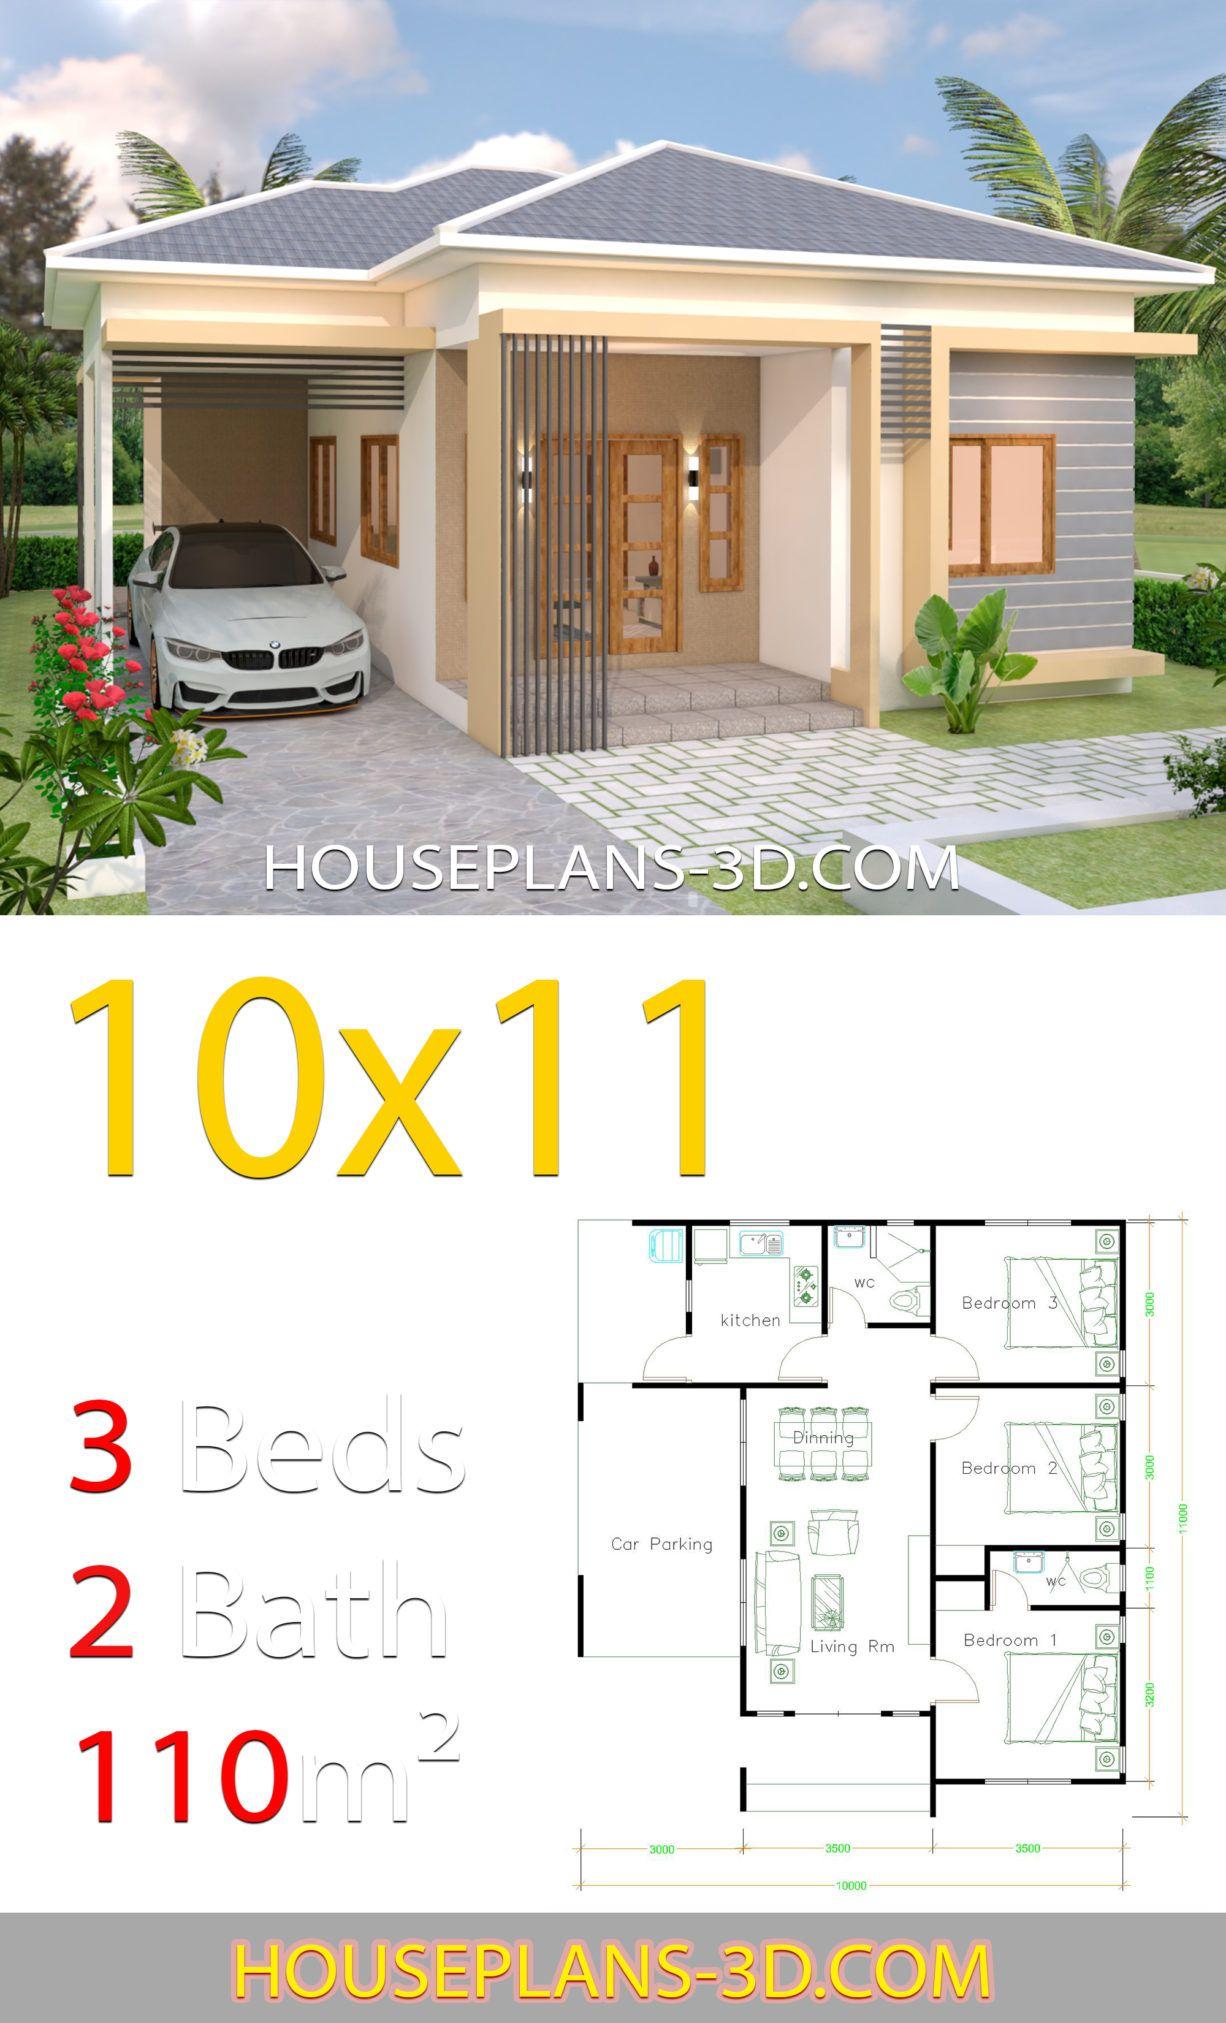 House Design 10x11 With 3 Bedrooms Hip Tiles House Plans 3d Arsitektur Rumah Indah Arsitektur Rumah